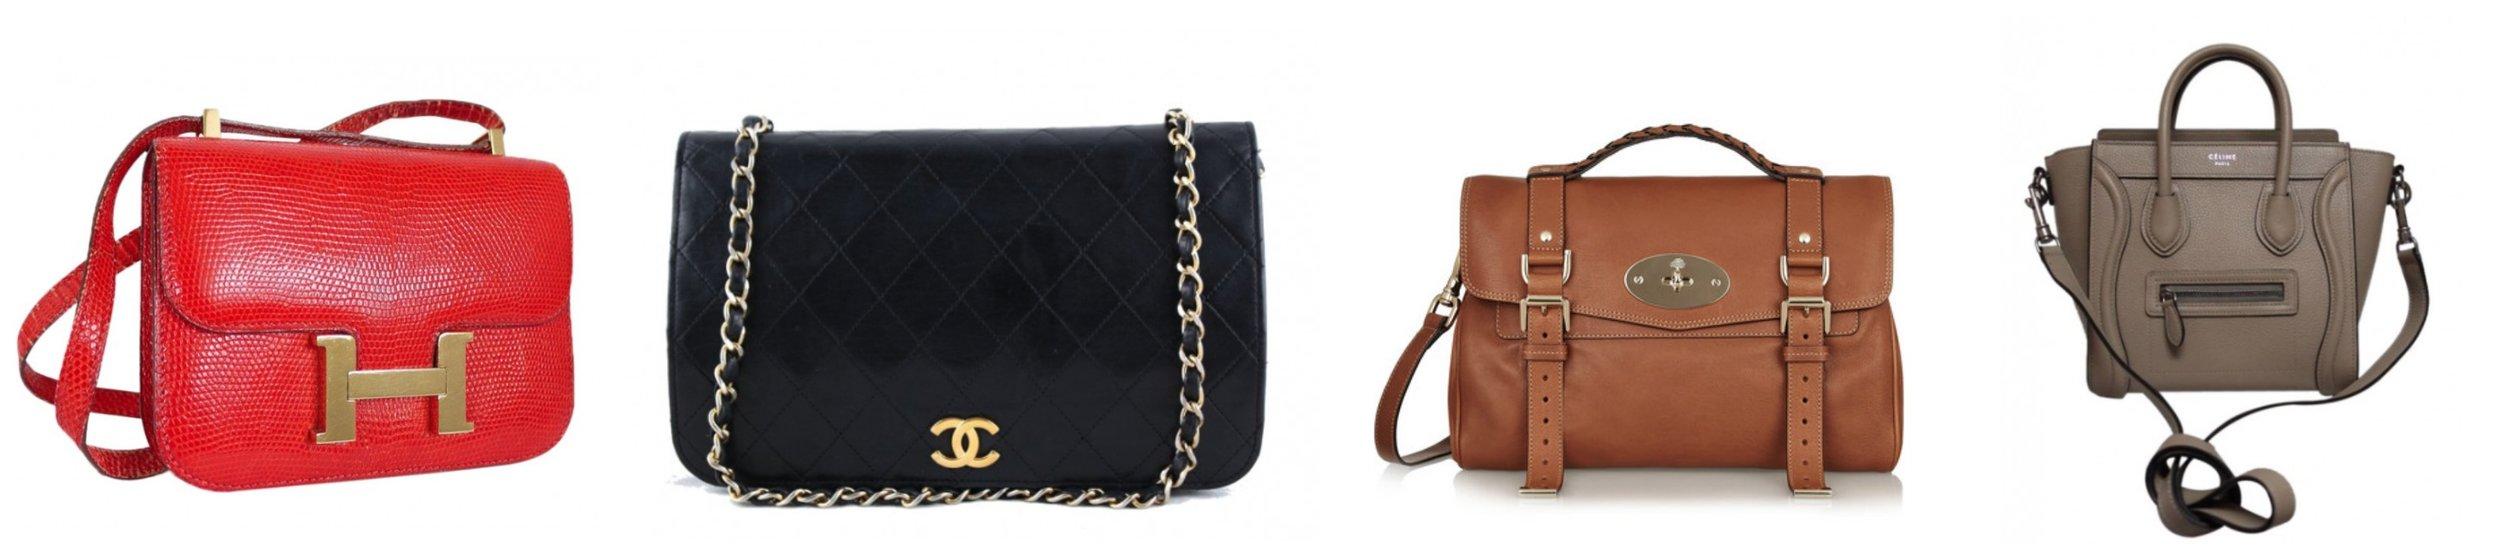 854a7eaede Classic Handbag Designer Bags